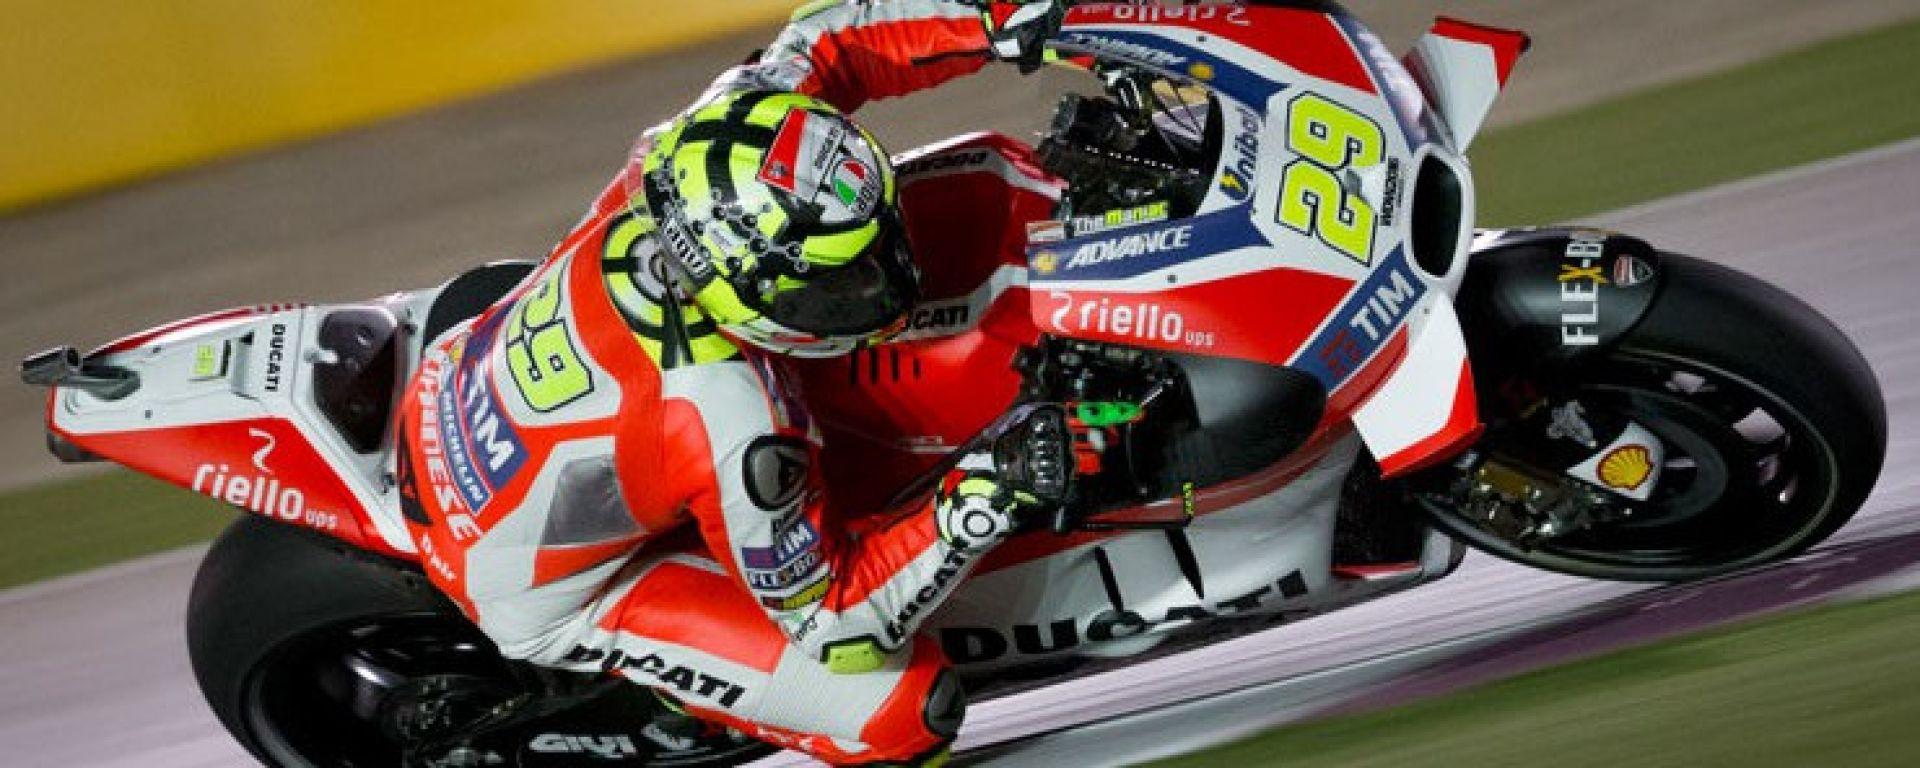 Ducati Corse - GP Bahrain